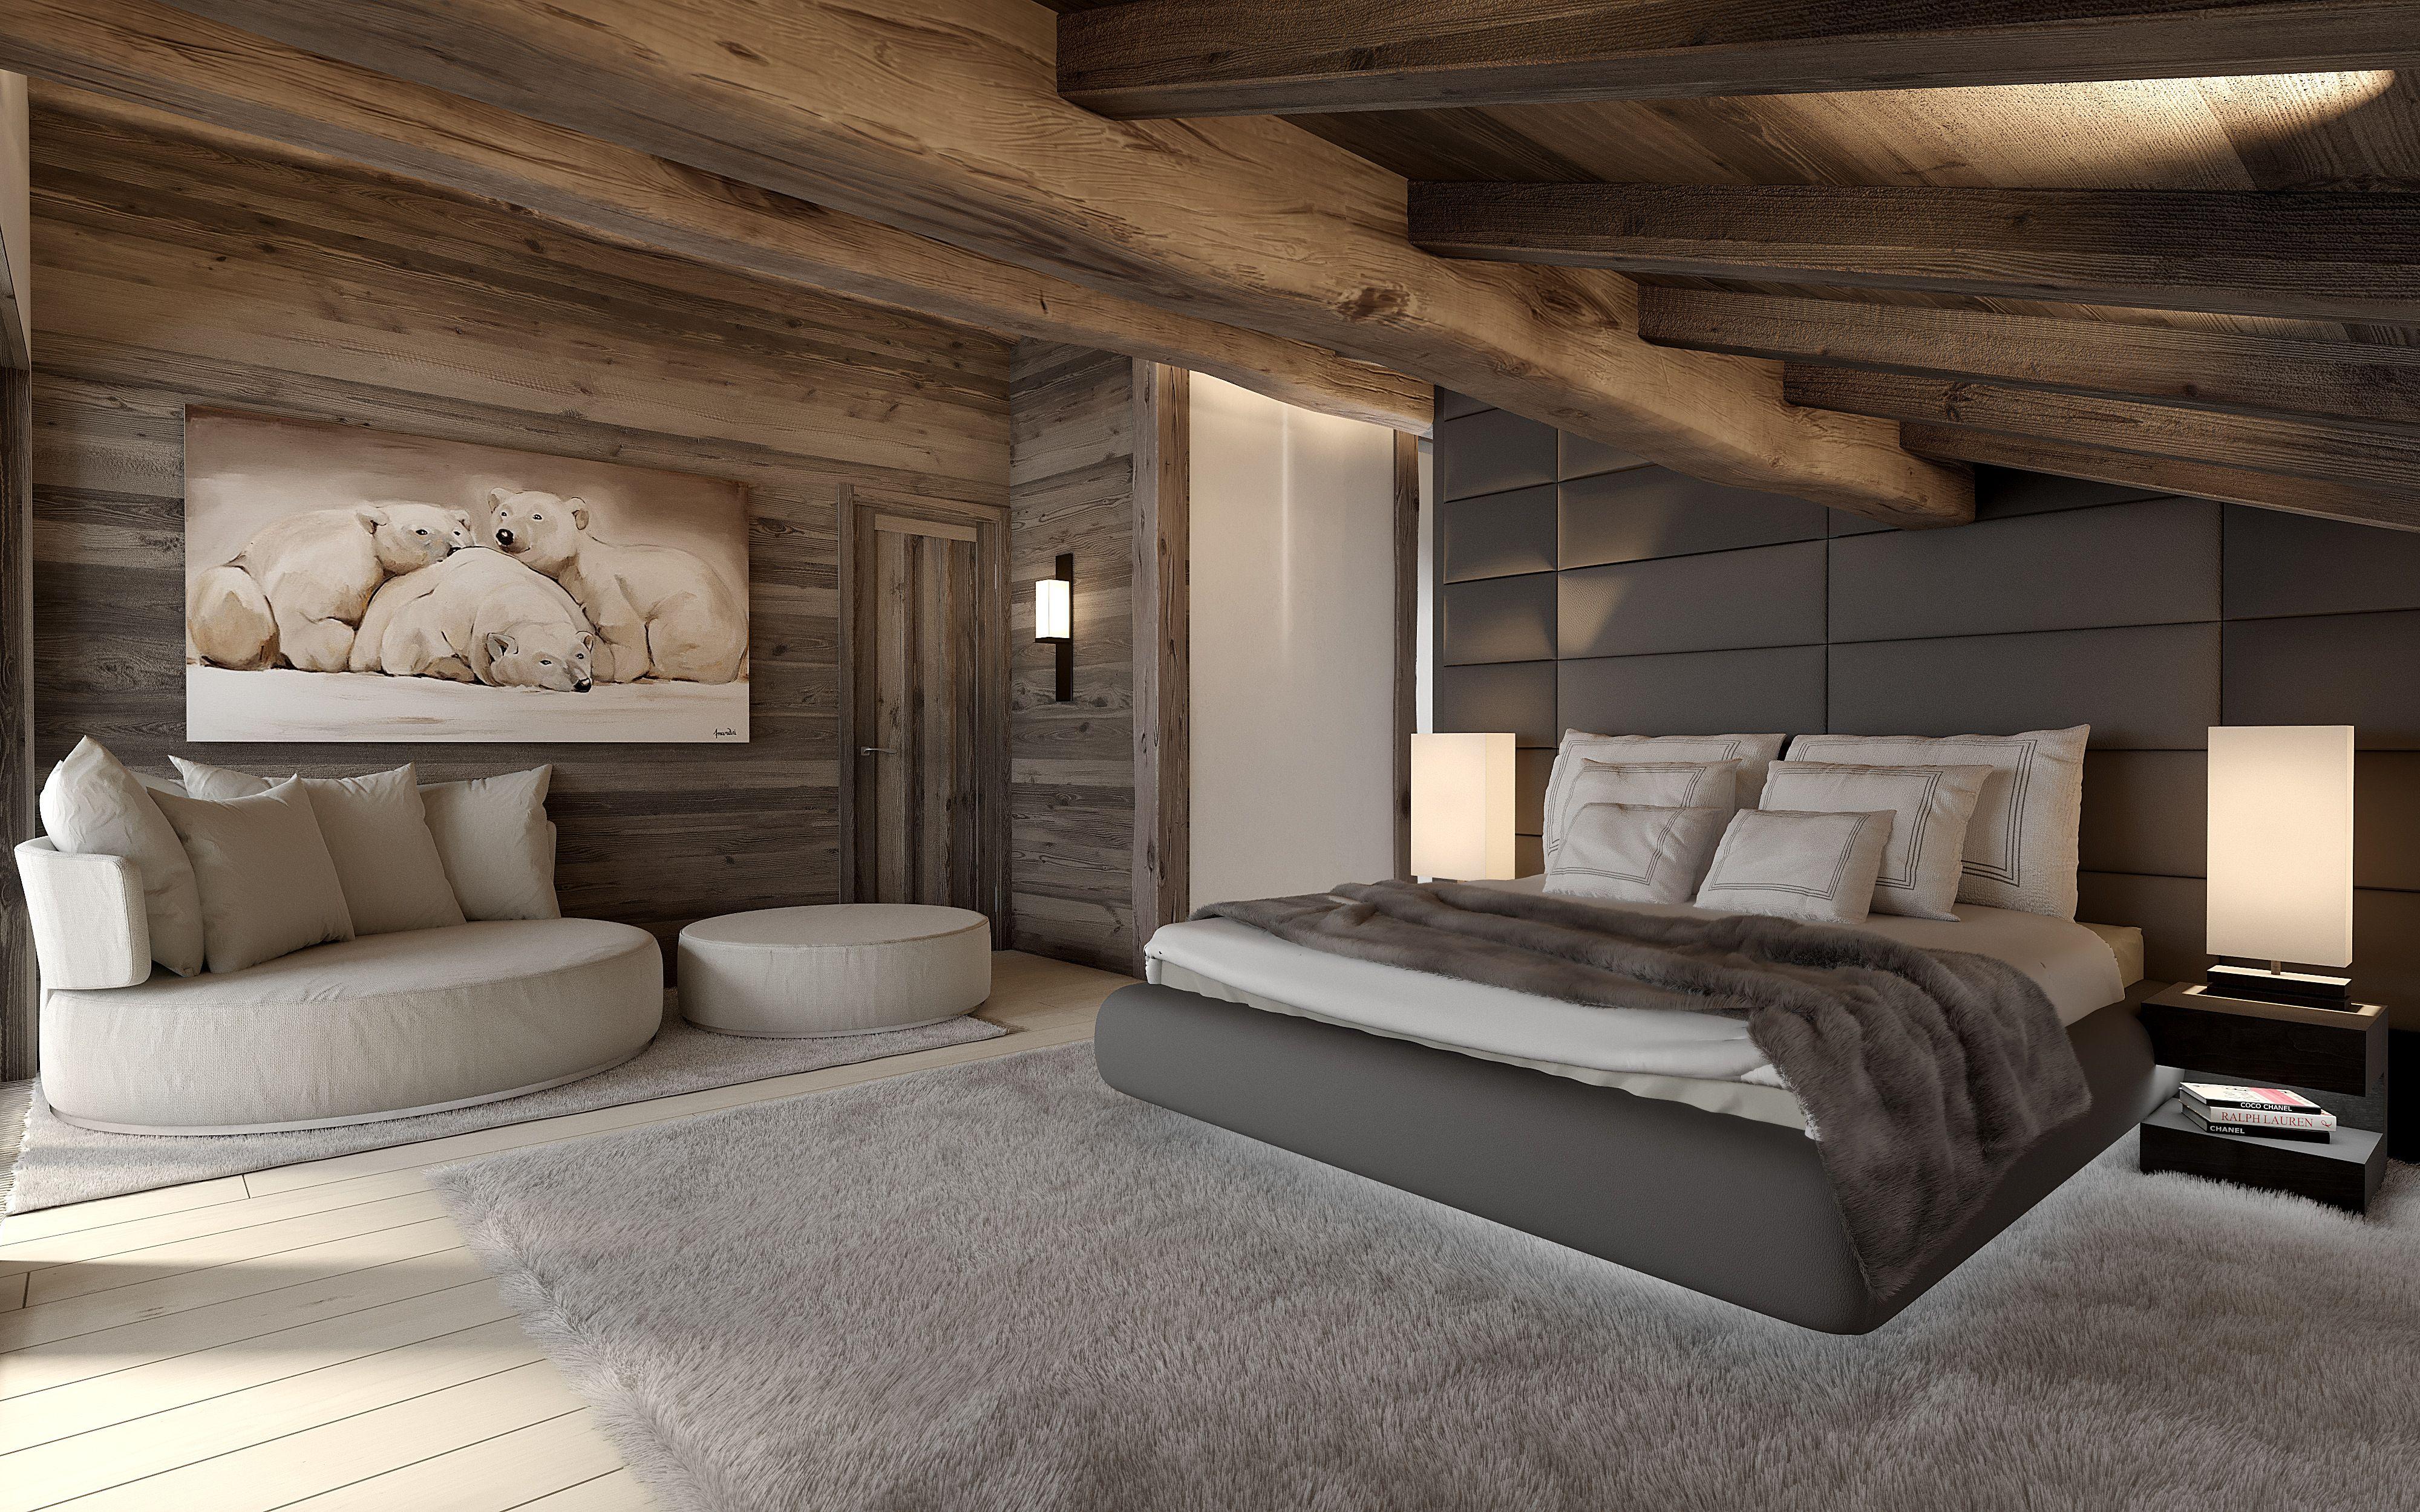 CHAMBRE projet immobilier Megeve - construction de luxe-chalet sur